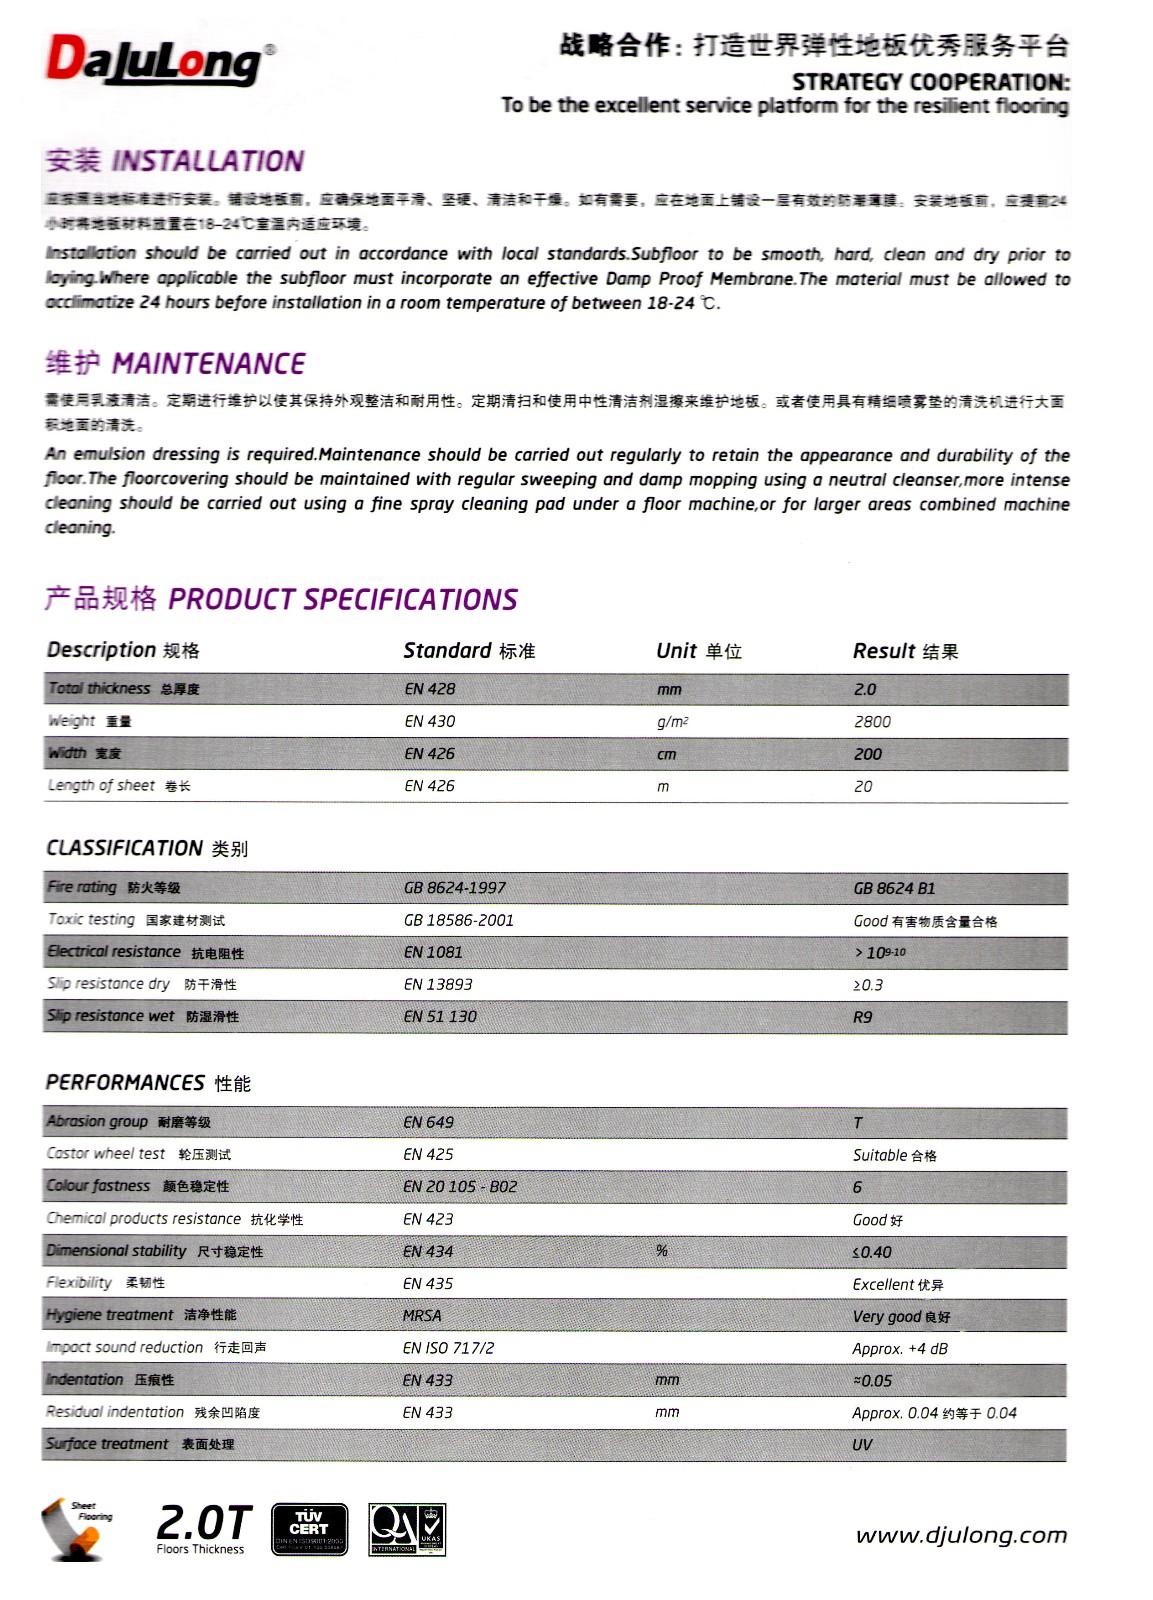 大巨龙维也纳PVC地板|大巨龙系列-陕西棋牌挣钱建材有限责任公司